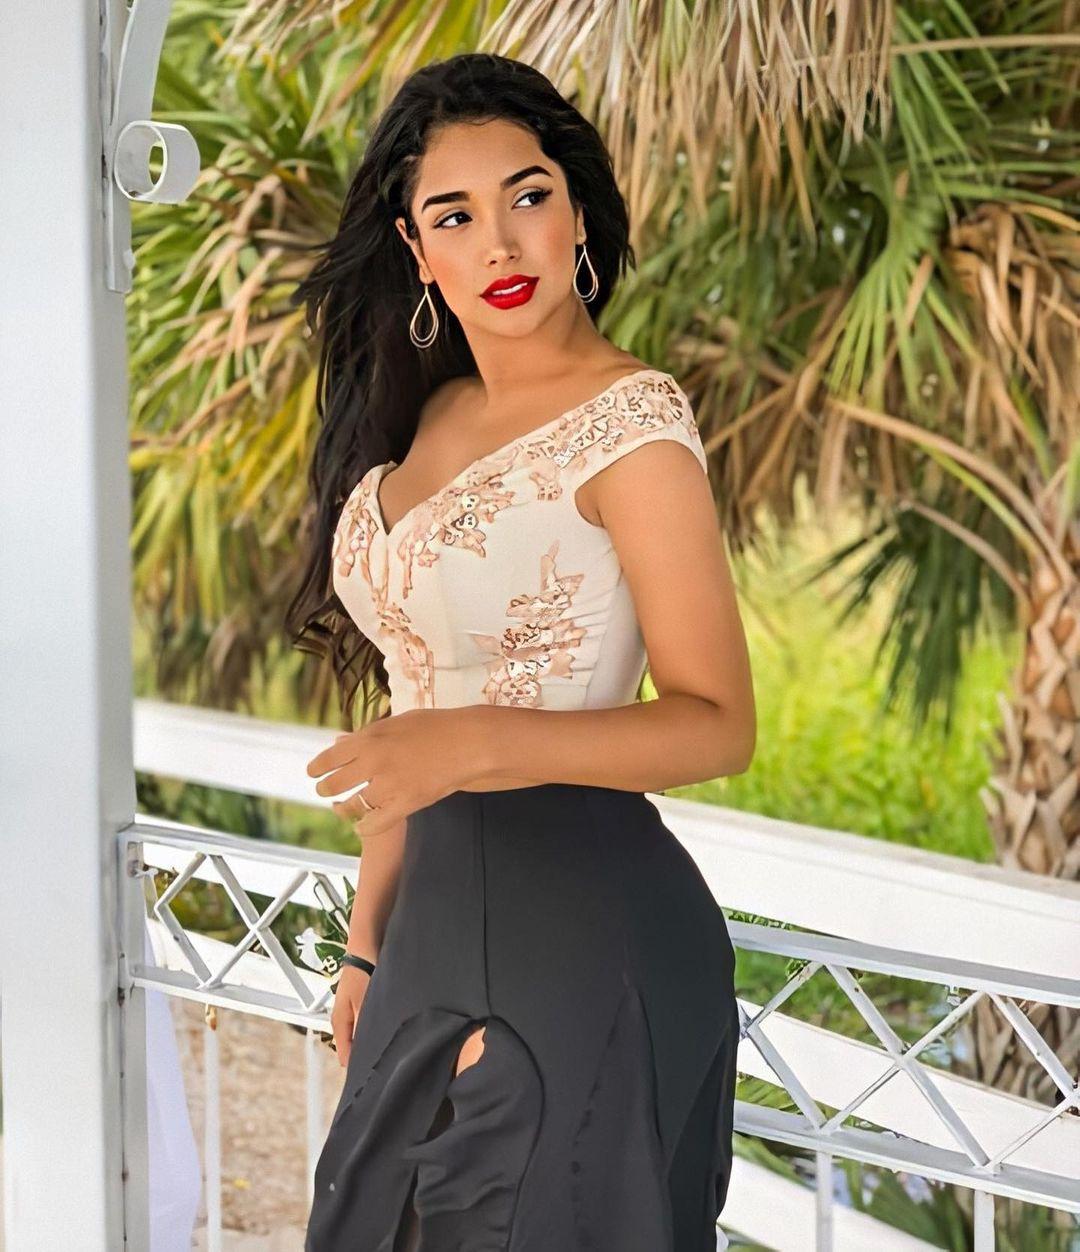 candidatas a miss peru 2020. top 10: pag 5. top 5: pag 6. top 3: pag 8. final: ? - Página 5 Agatha-mego-123140152-1618551831647903-7039835472486932075-n